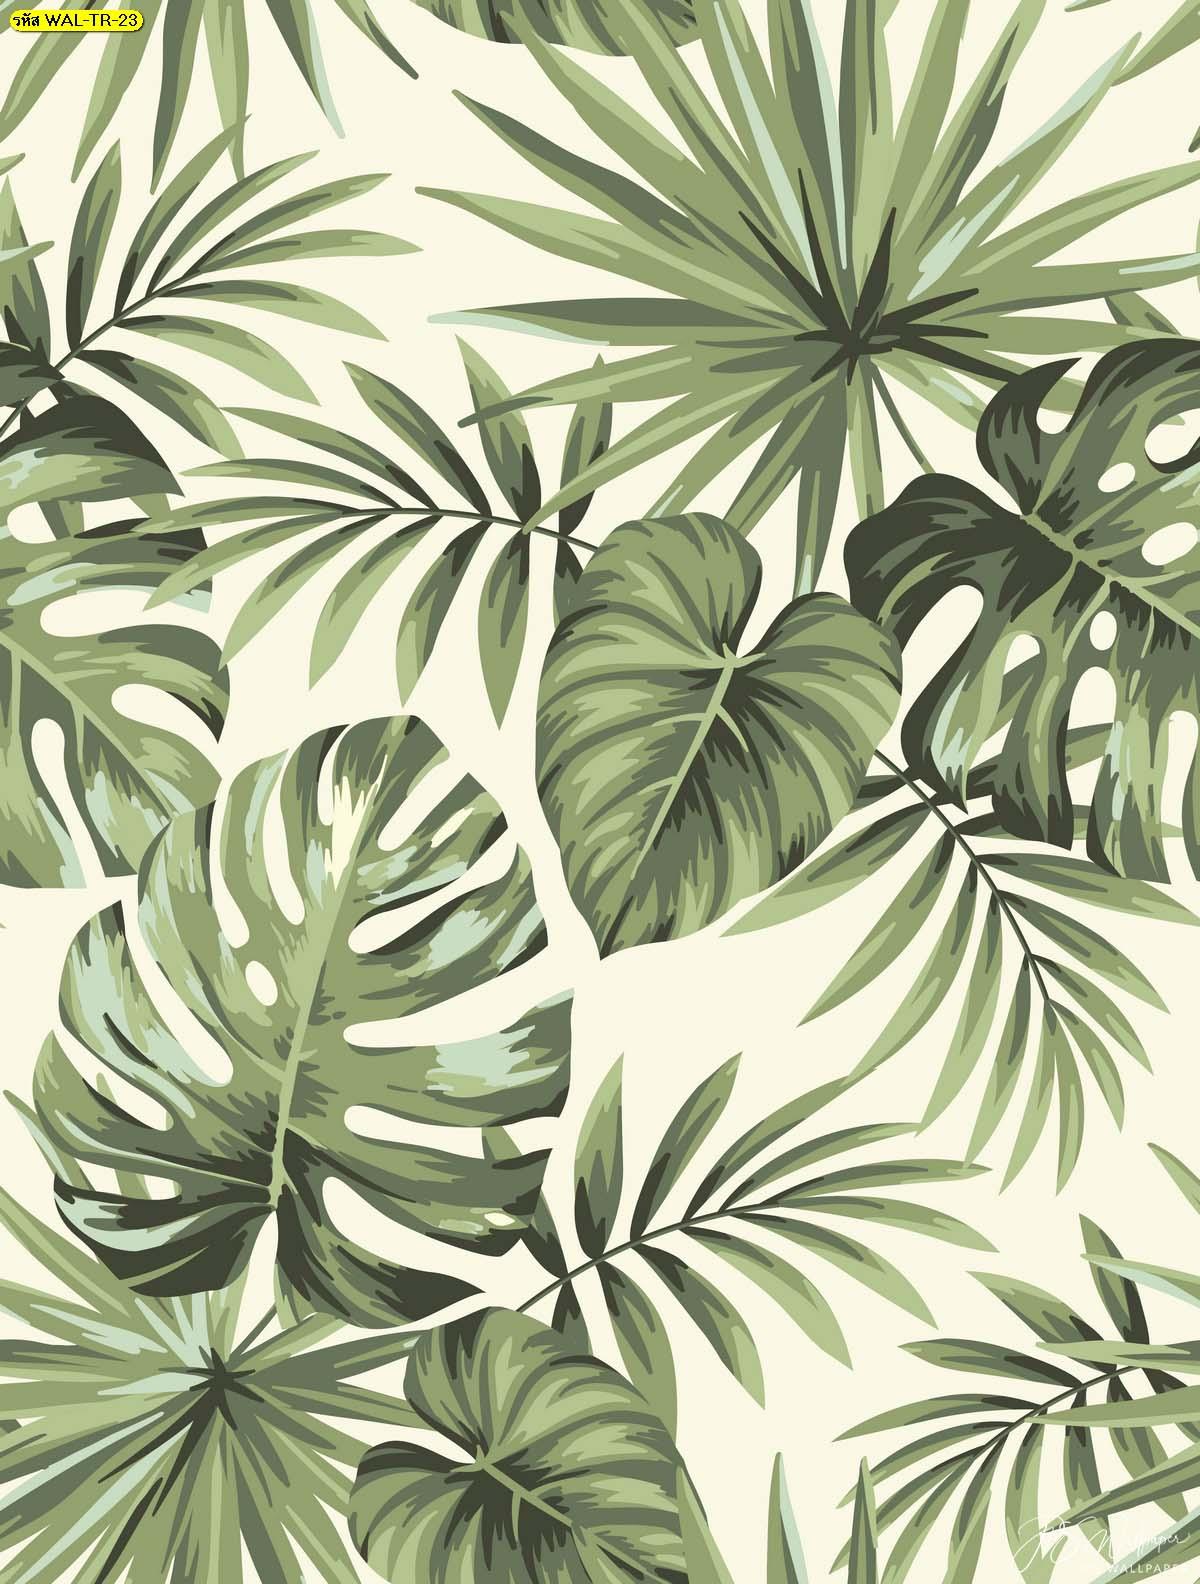 ภาพสั่งผลิตตามขนาดลายใบไม้เขียวพื้นหลังสีครีม วอลเปเปอร์ลายใบไม้ธรรมชาติ